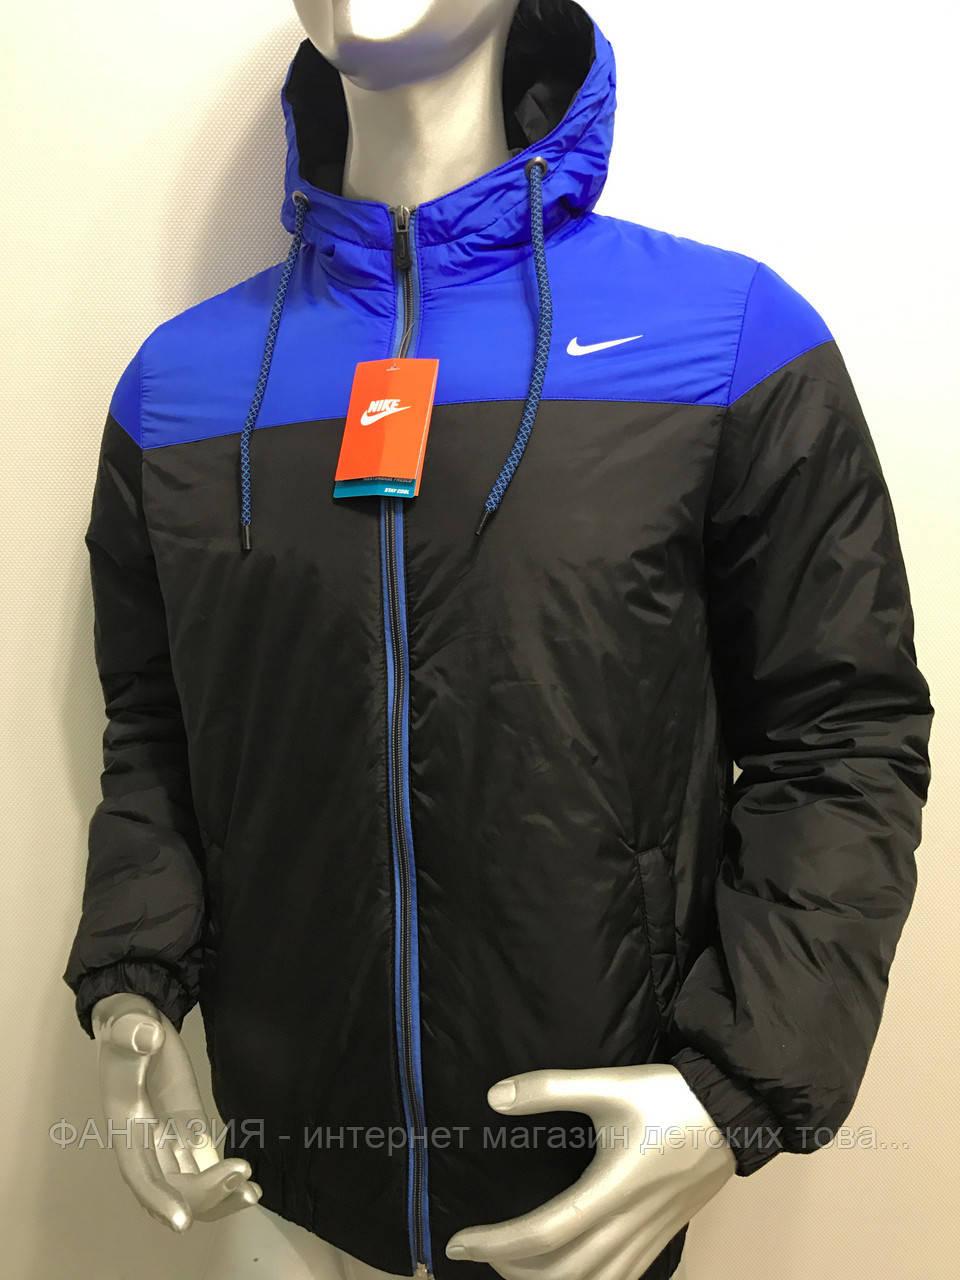 6732af9b Мужская куртка Nike копия - ФАНТАЗИЯ - интернет магазин детских товаров в  Днепре